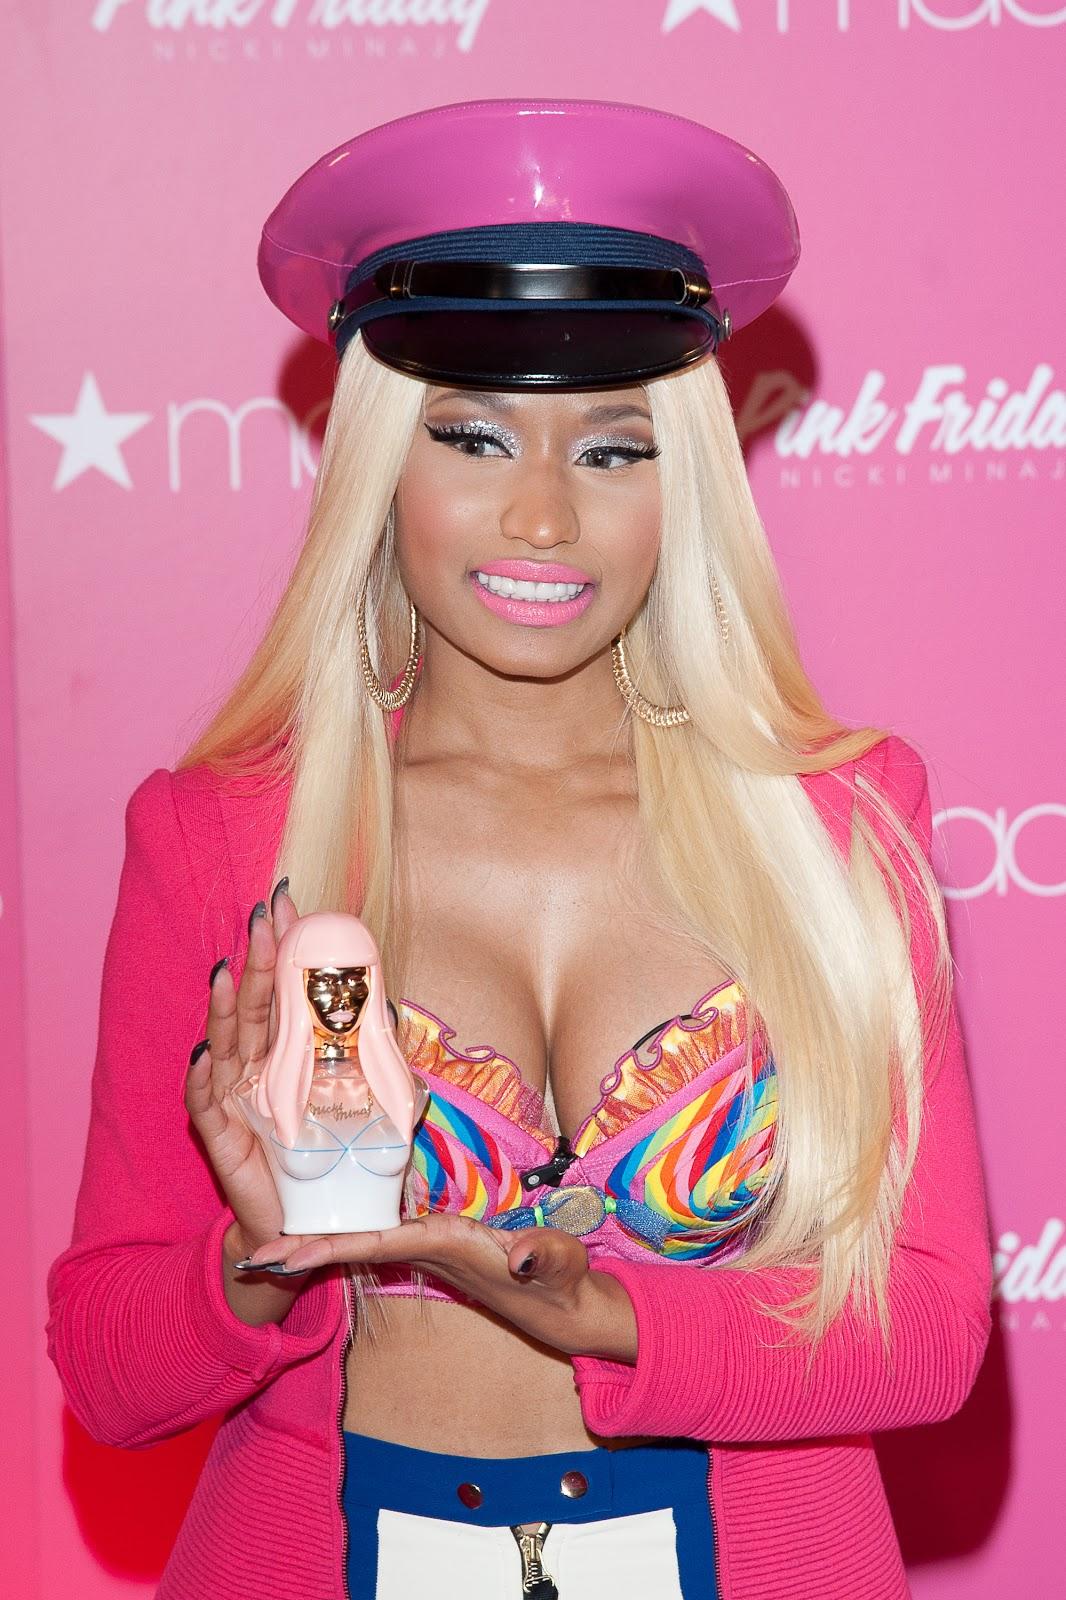 http://3.bp.blogspot.com/-VpvVmqQo18E/UIHiMVGxfkI/AAAAAAAABY4/AroOZmARnOM/s1600/nicki-minaj-perfume-pink-friday-fragrance-macys-babado-confusao-querida-161.jpg